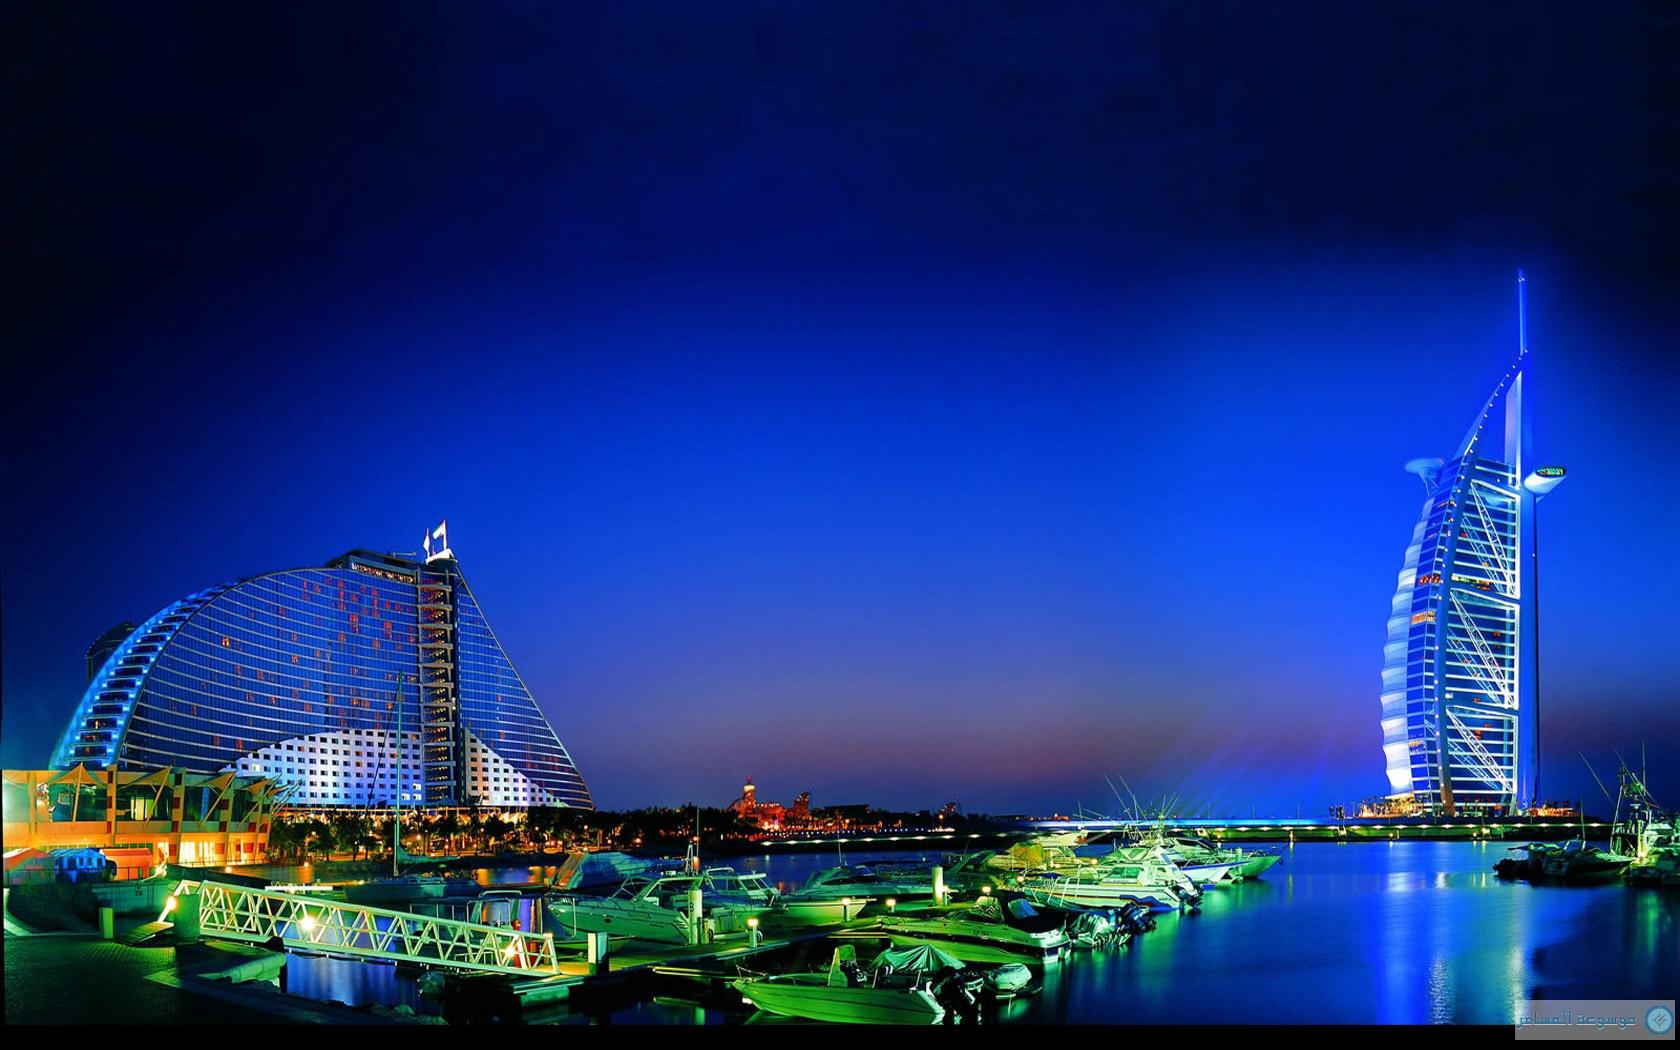 هوت ستاتس: ارتفاع الإشغال الفندقي في دبي إلى 89.9% في مارس